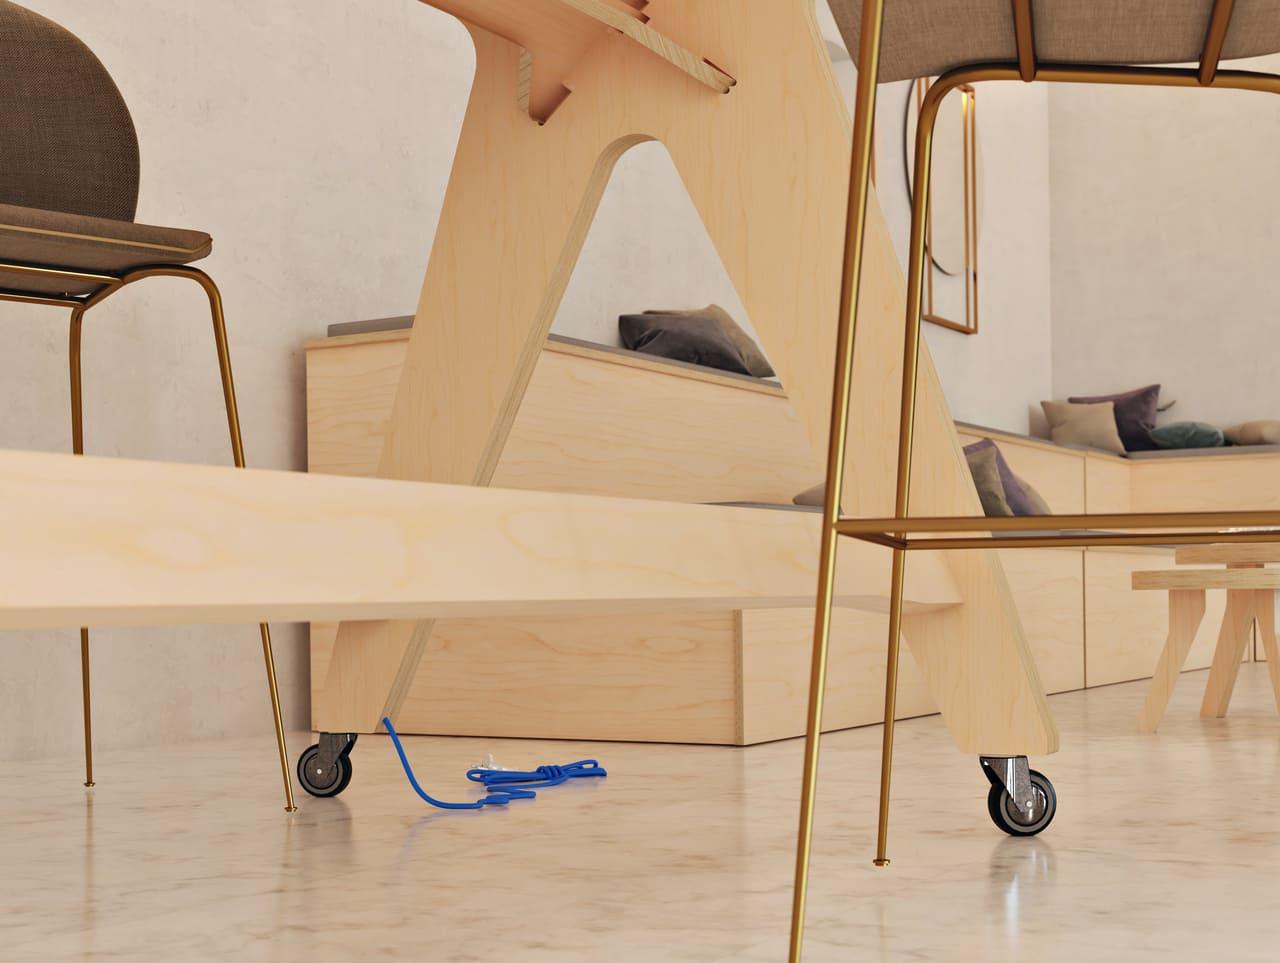 Table de réunion haute sur roulettes avec un cable bleu d'electrification sortant du pied et située dans une salle de réunion informelle à l'ambiance et au style contemporain avec des estrades en bois et des miroirs et chaises dorés